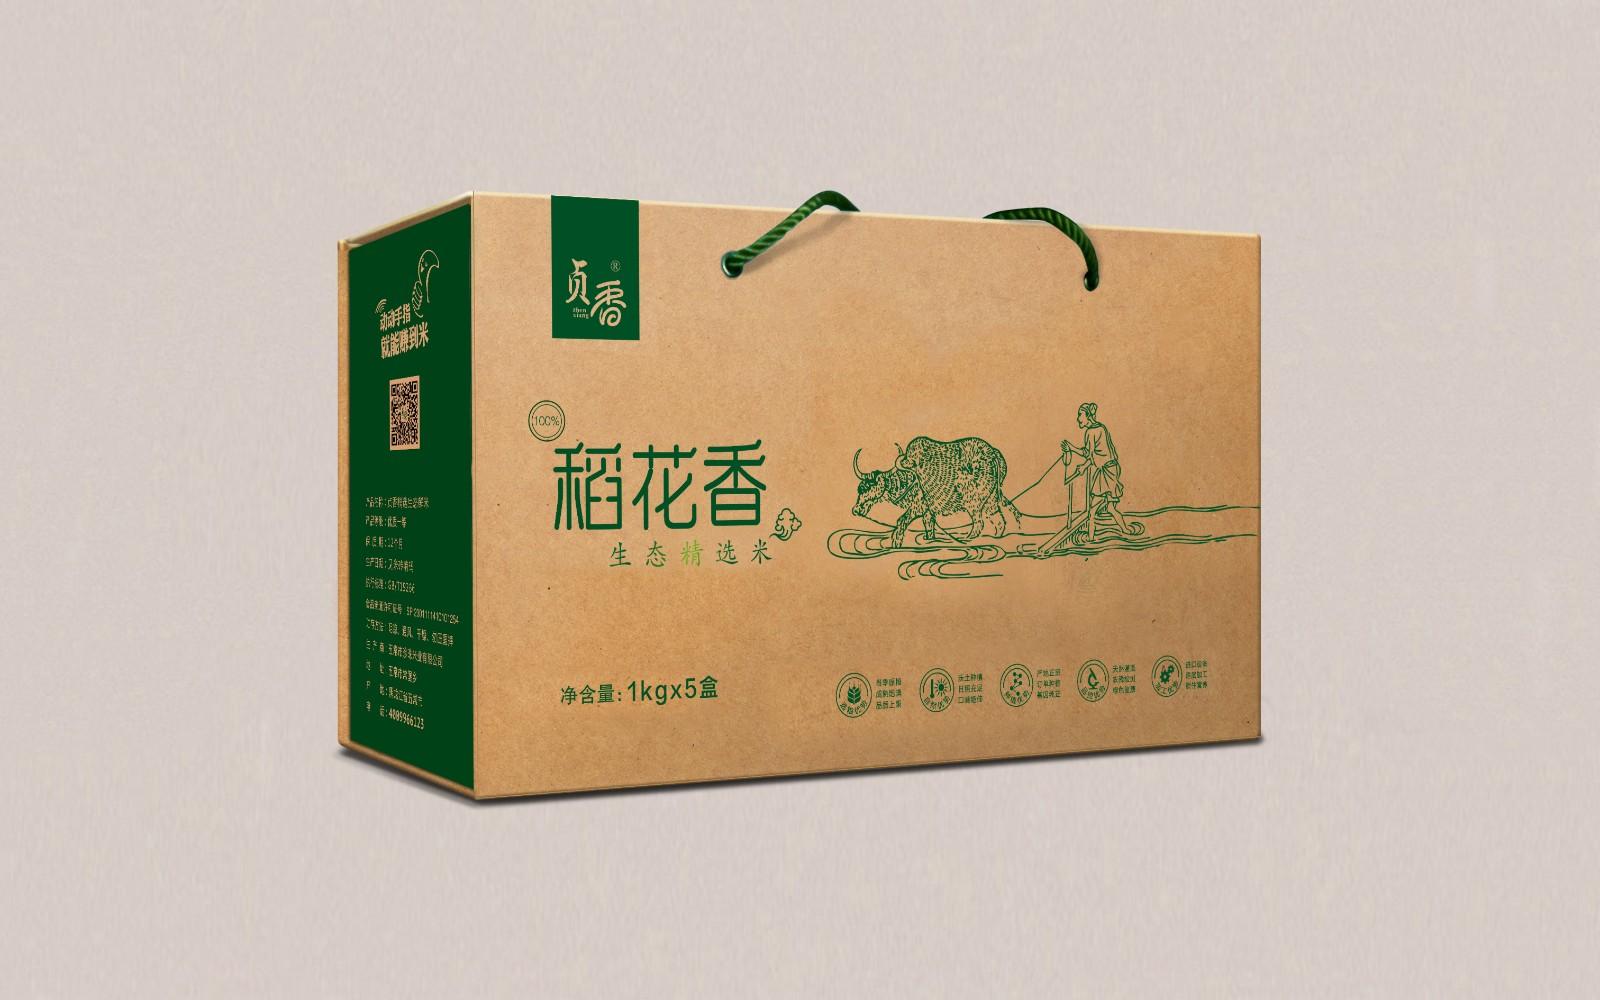 大米包裝箱7.jpg